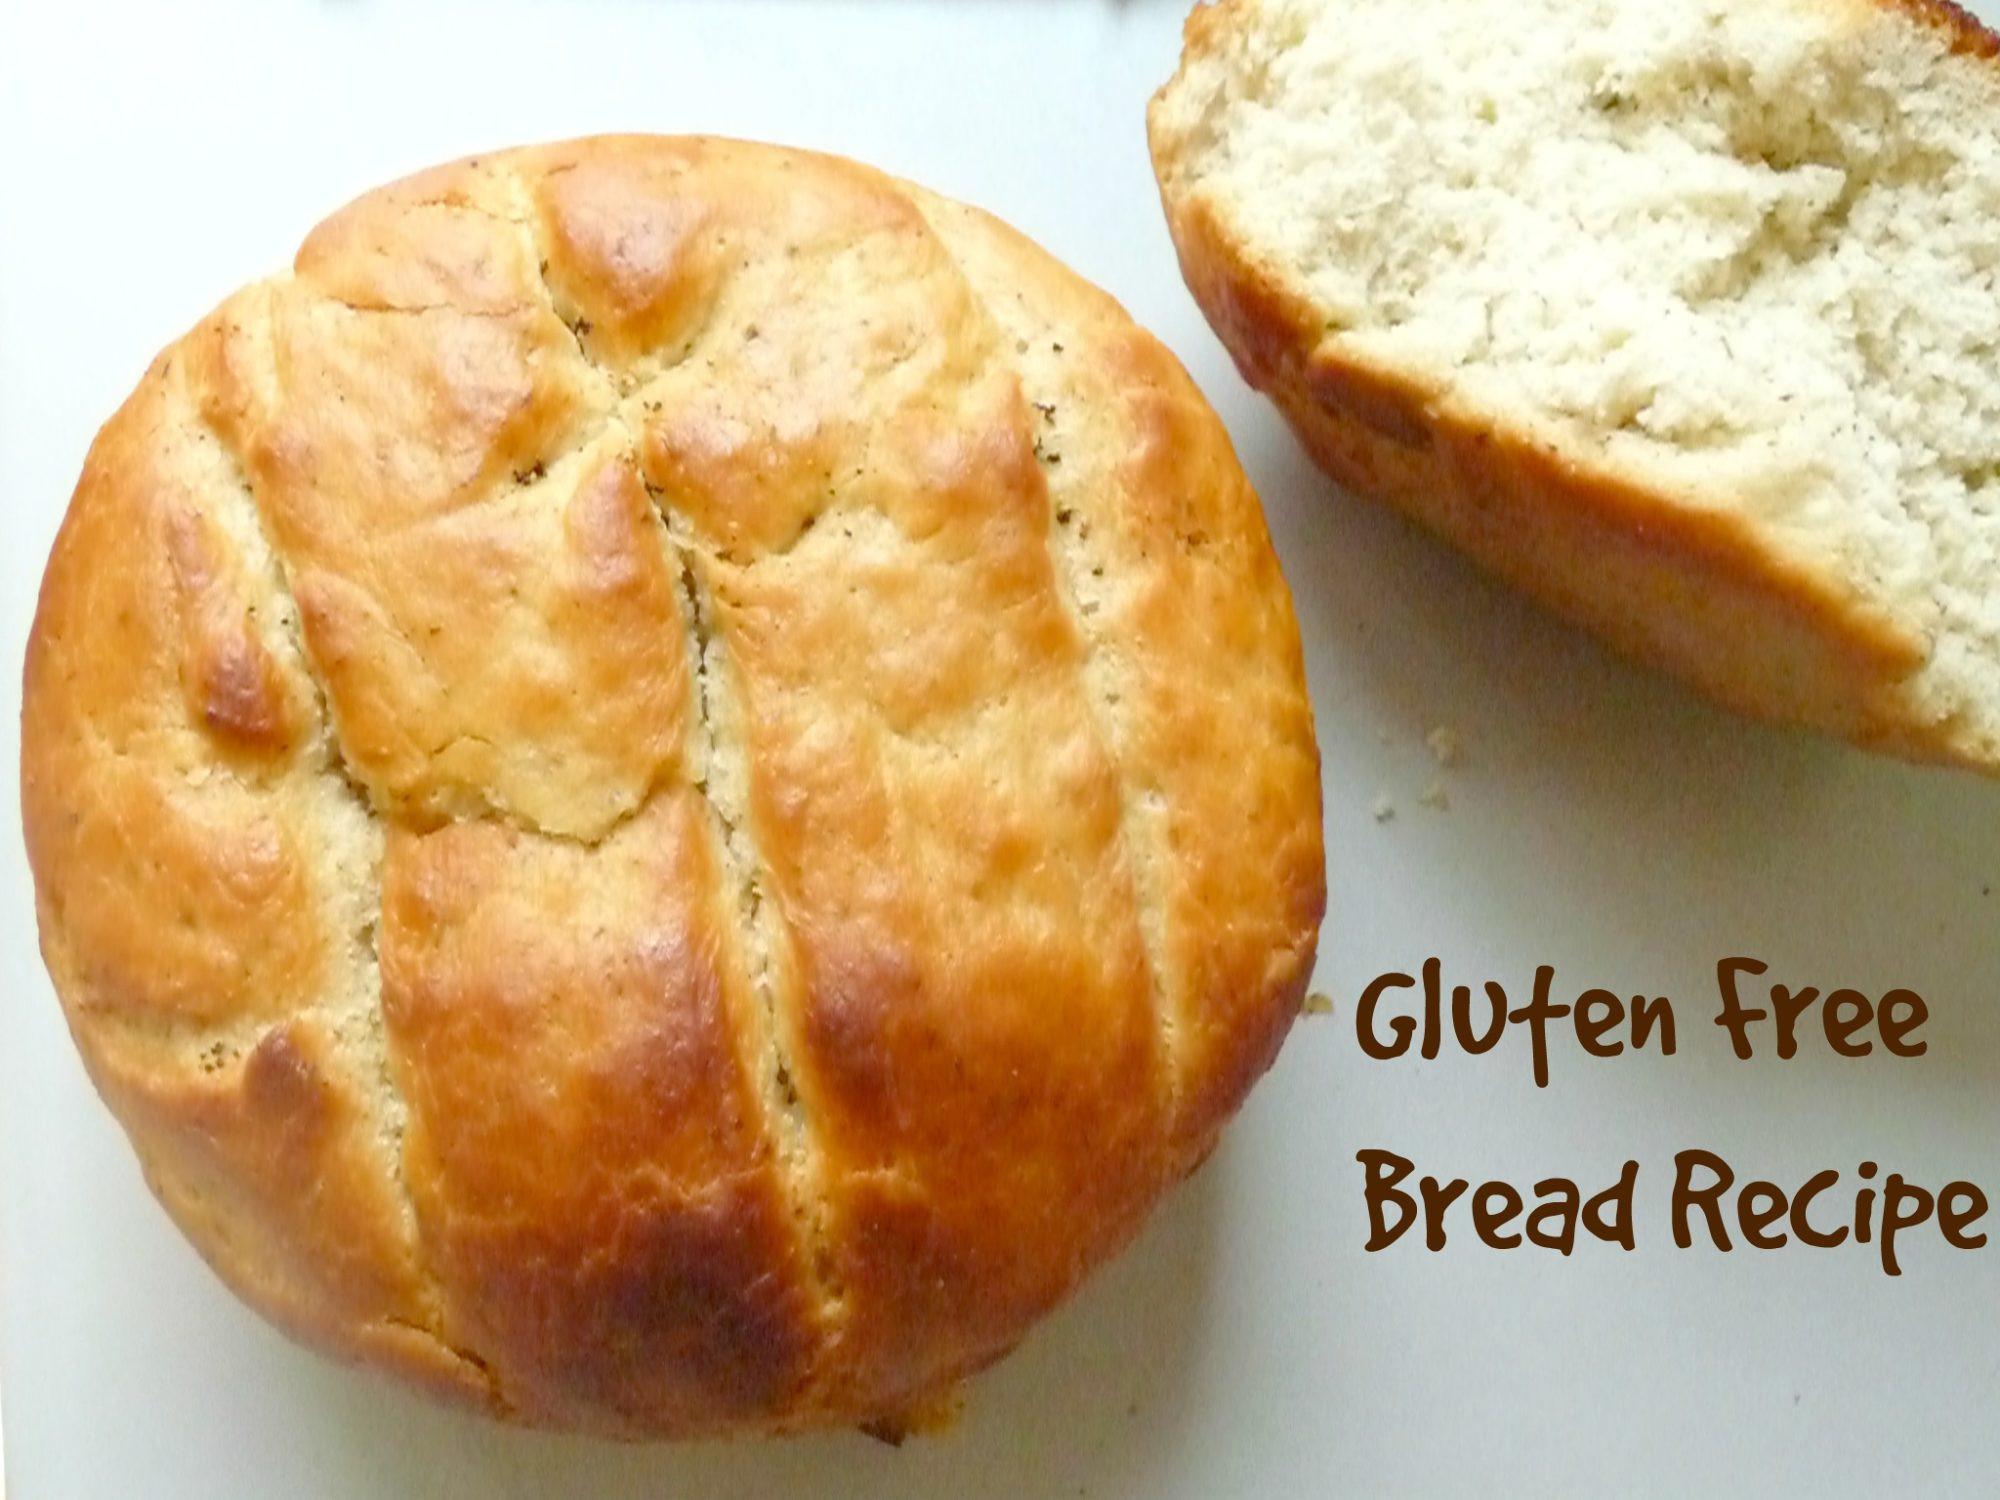 Recipes For Gluten Free Bread  Gluten Free Bread recipe The Seaman Mom